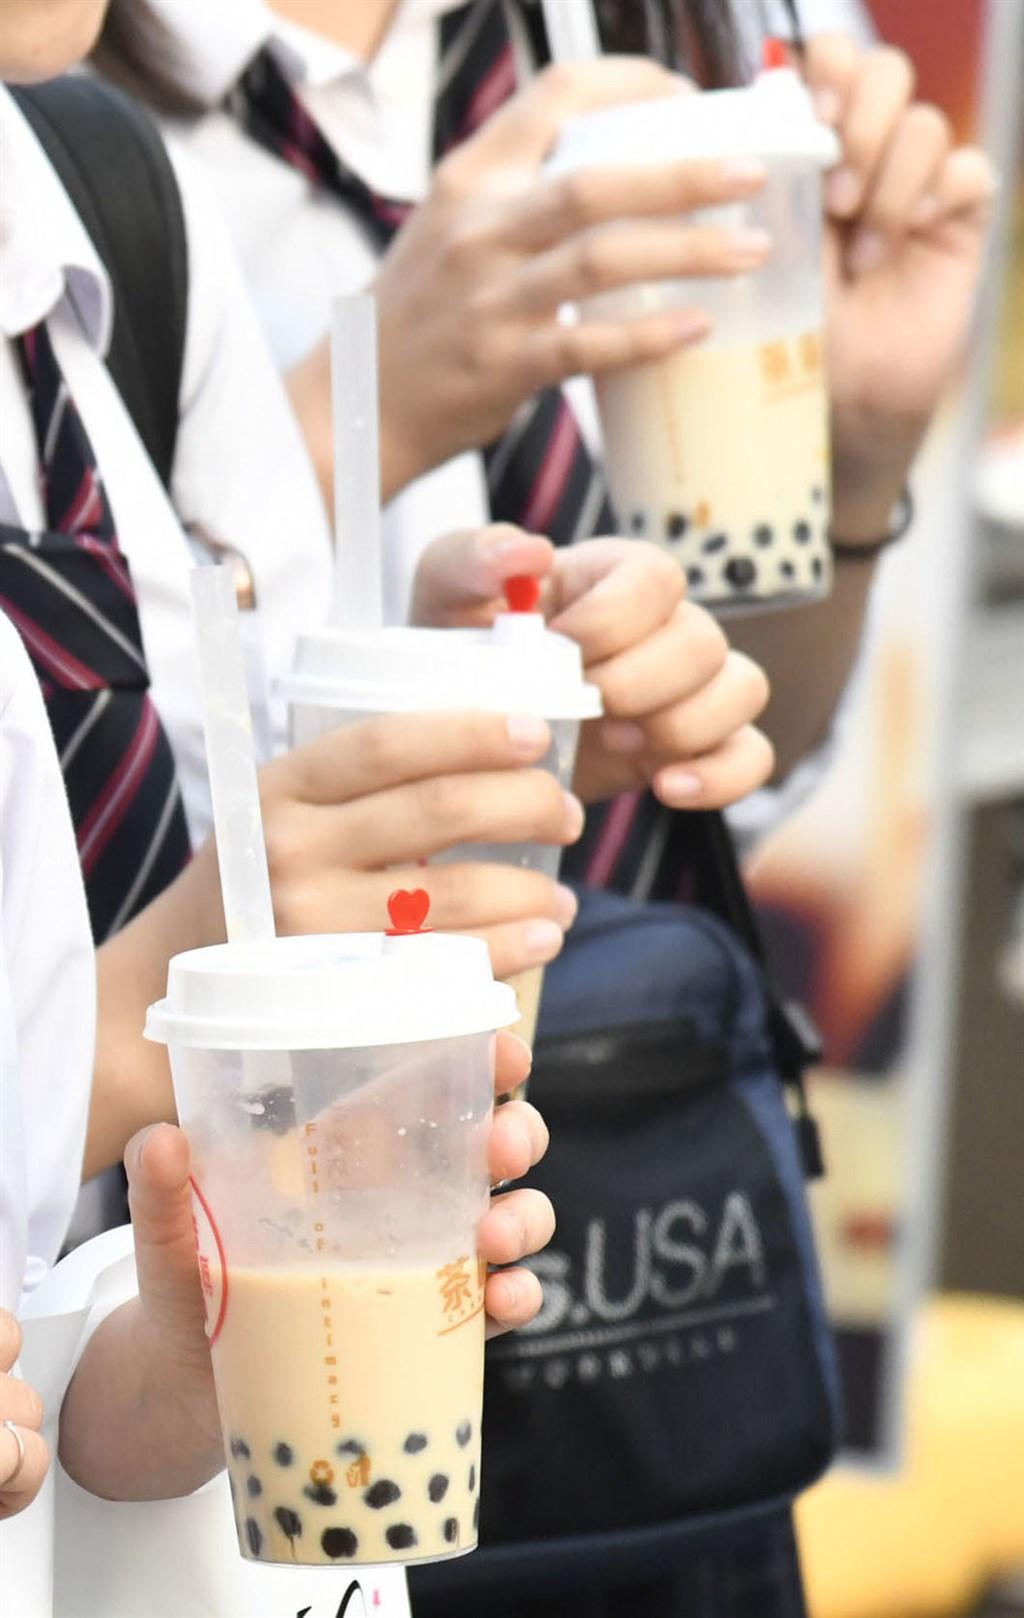 台灣國民飲料珍珠奶茶在日本引爆熱潮,作為珍奶主角的粉圓,光是2019年上半年進口量及金額就創新高。(共同社提供)